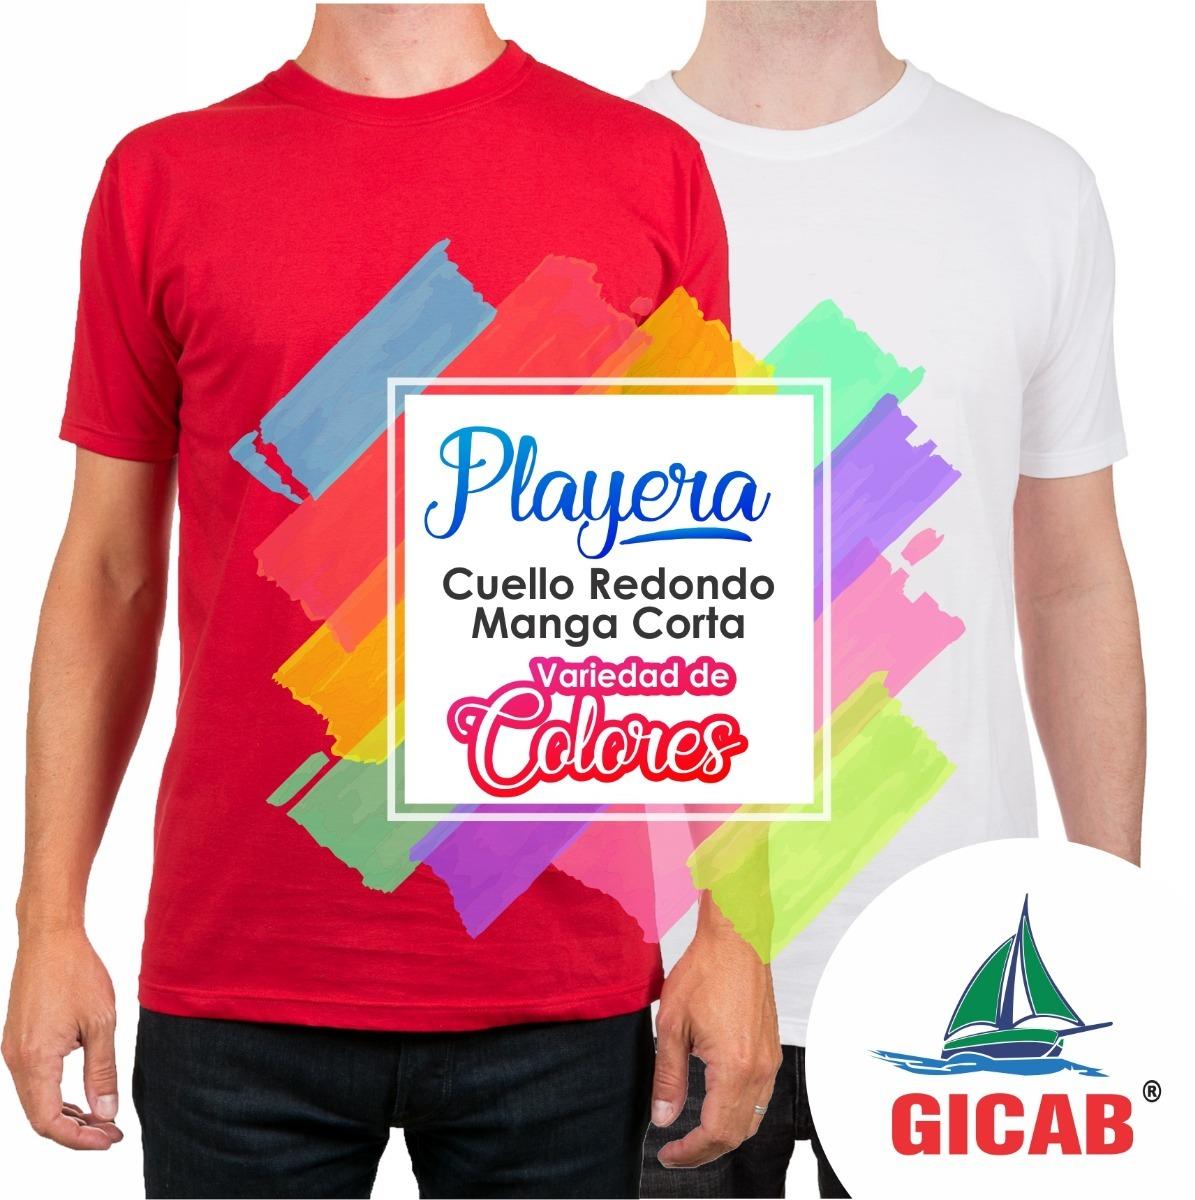 Fabrica De Playeras Gicab -   29.50 en Mercado Libre ff93c115d1751